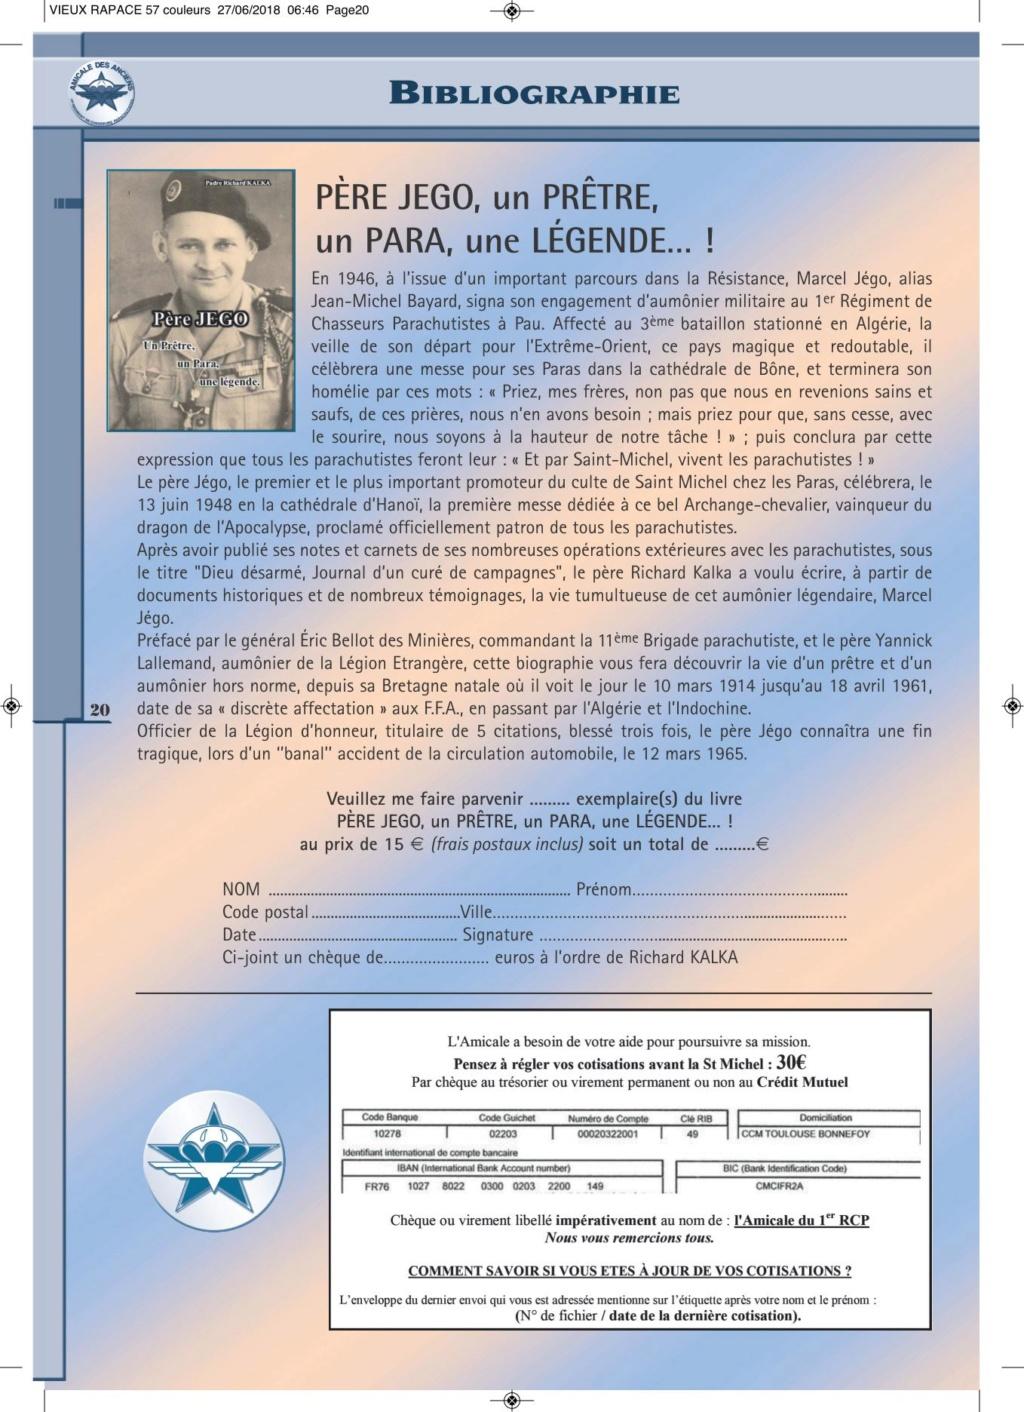 LE VIEUX RAPACE n°57 Vieux_29